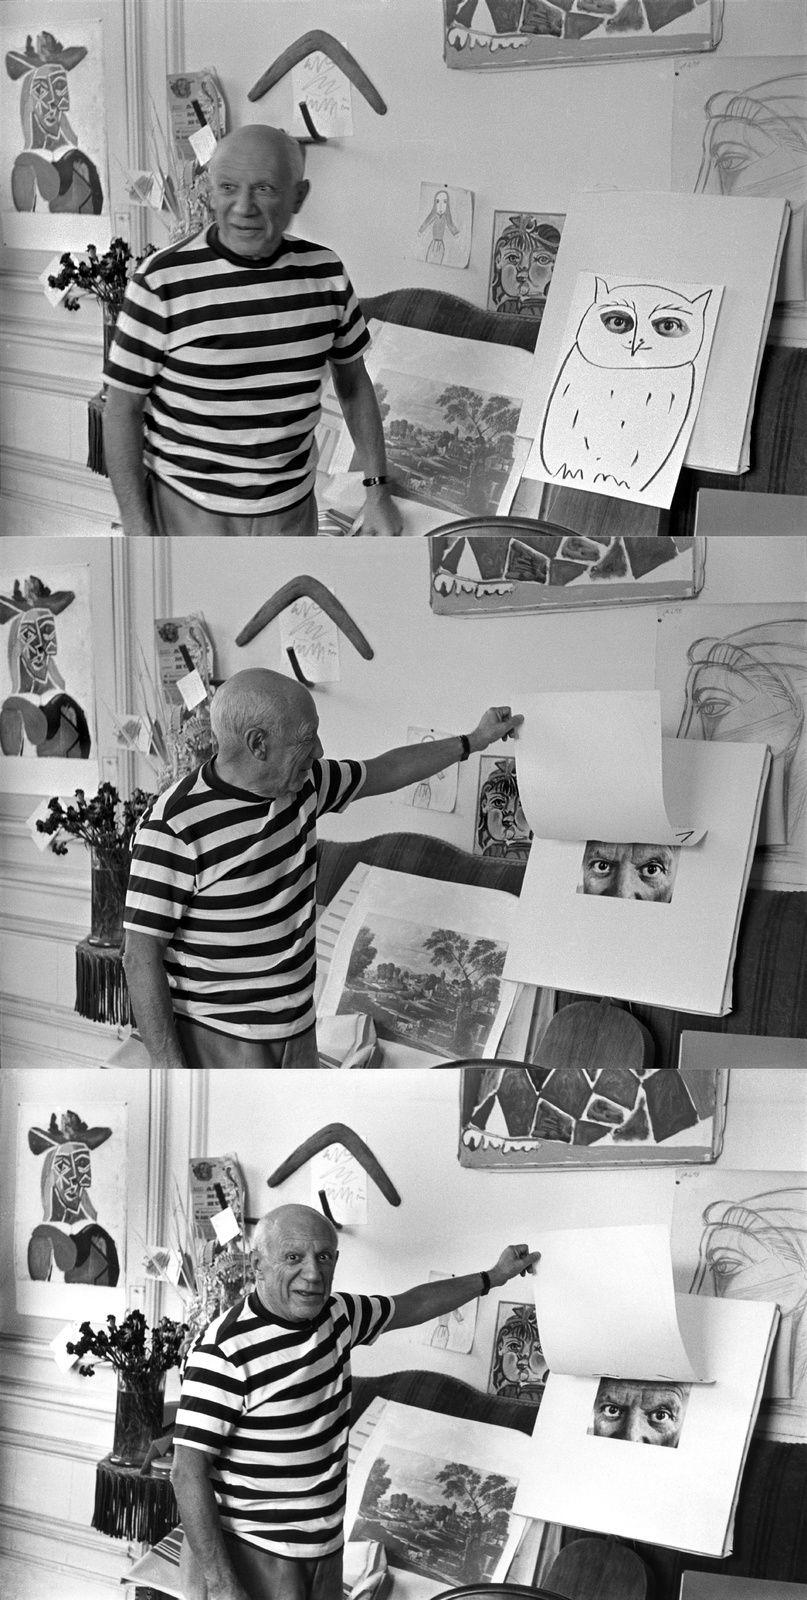 """Pablo Picasso, Cannes"""", 1957 de René Burri"""